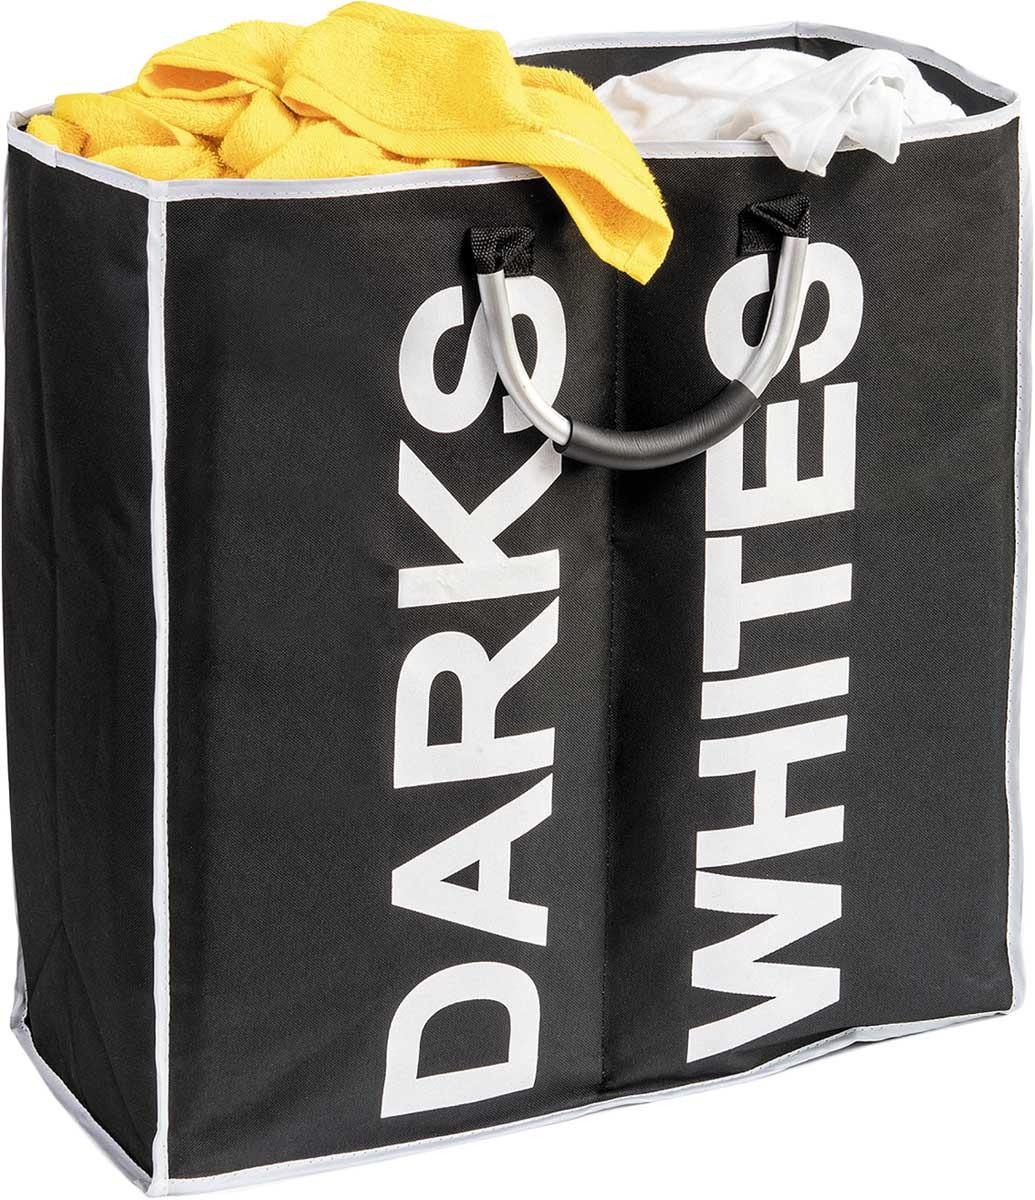 Корзина для белья Tatkraft Spase с разделителем, цвет: черный, белый, 53,5 х 52,5 х 22 см цена